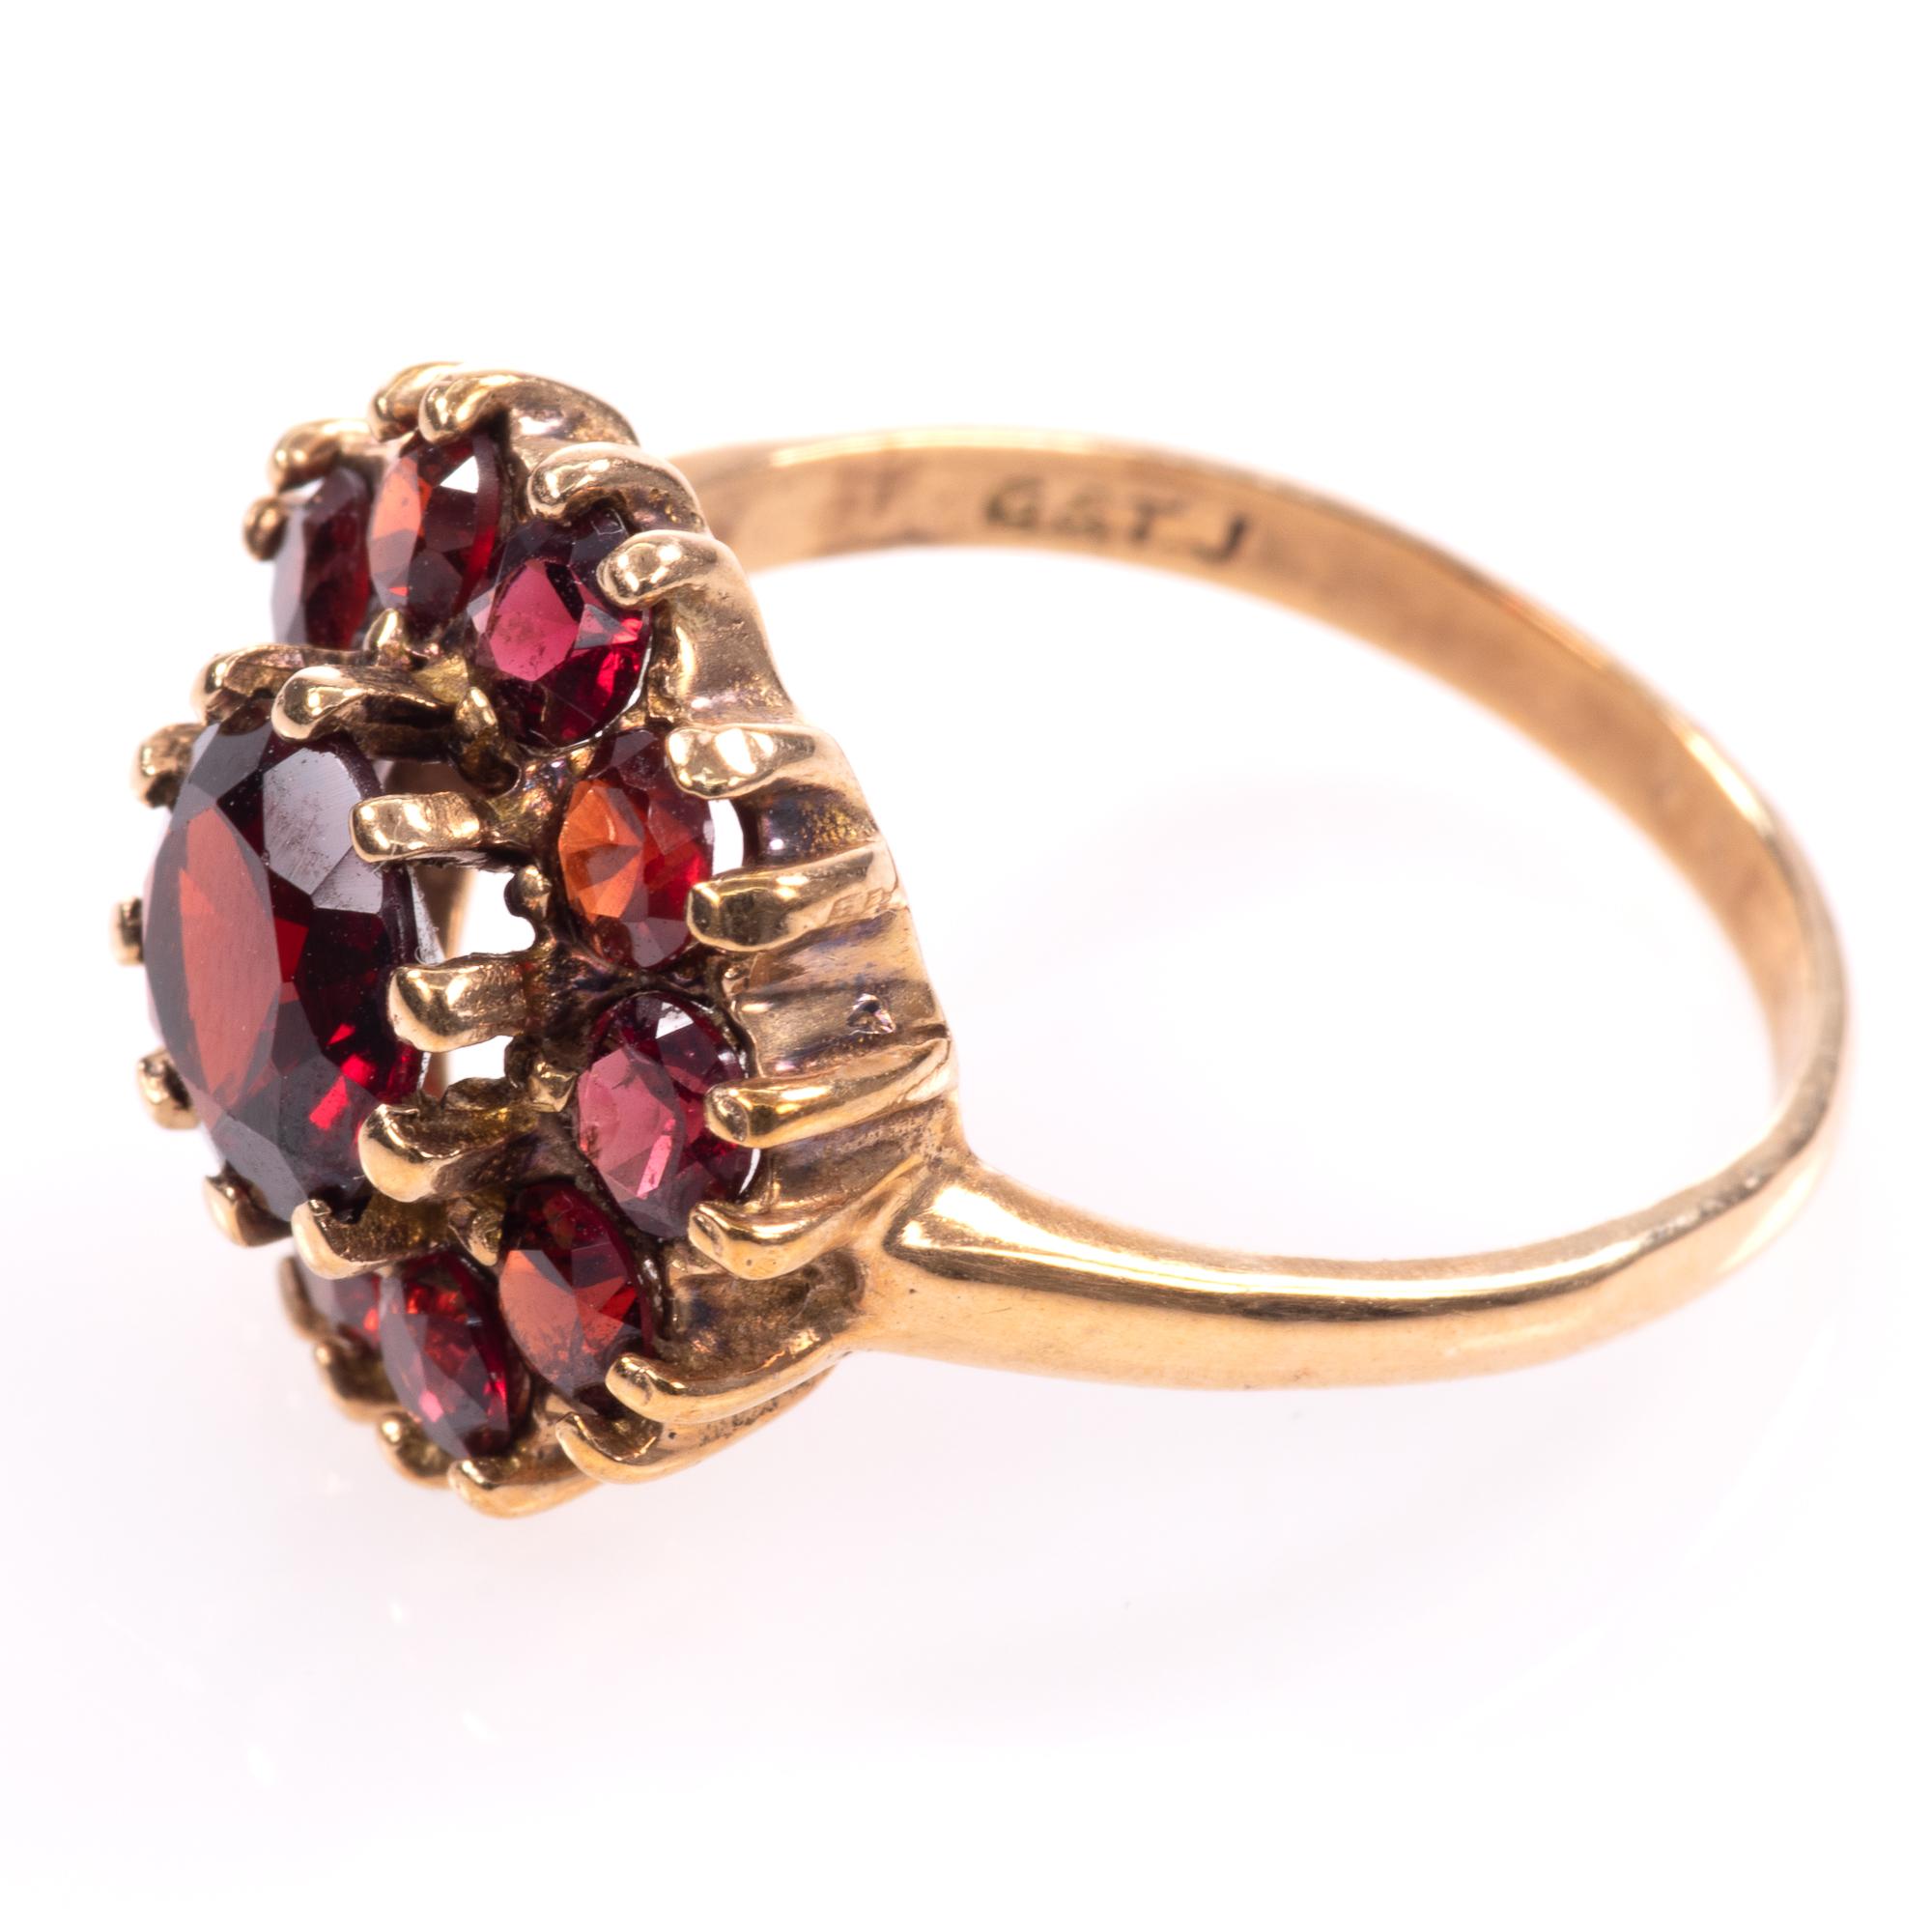 9ct Gold Garnet Ring London 1963 - Image 4 of 8